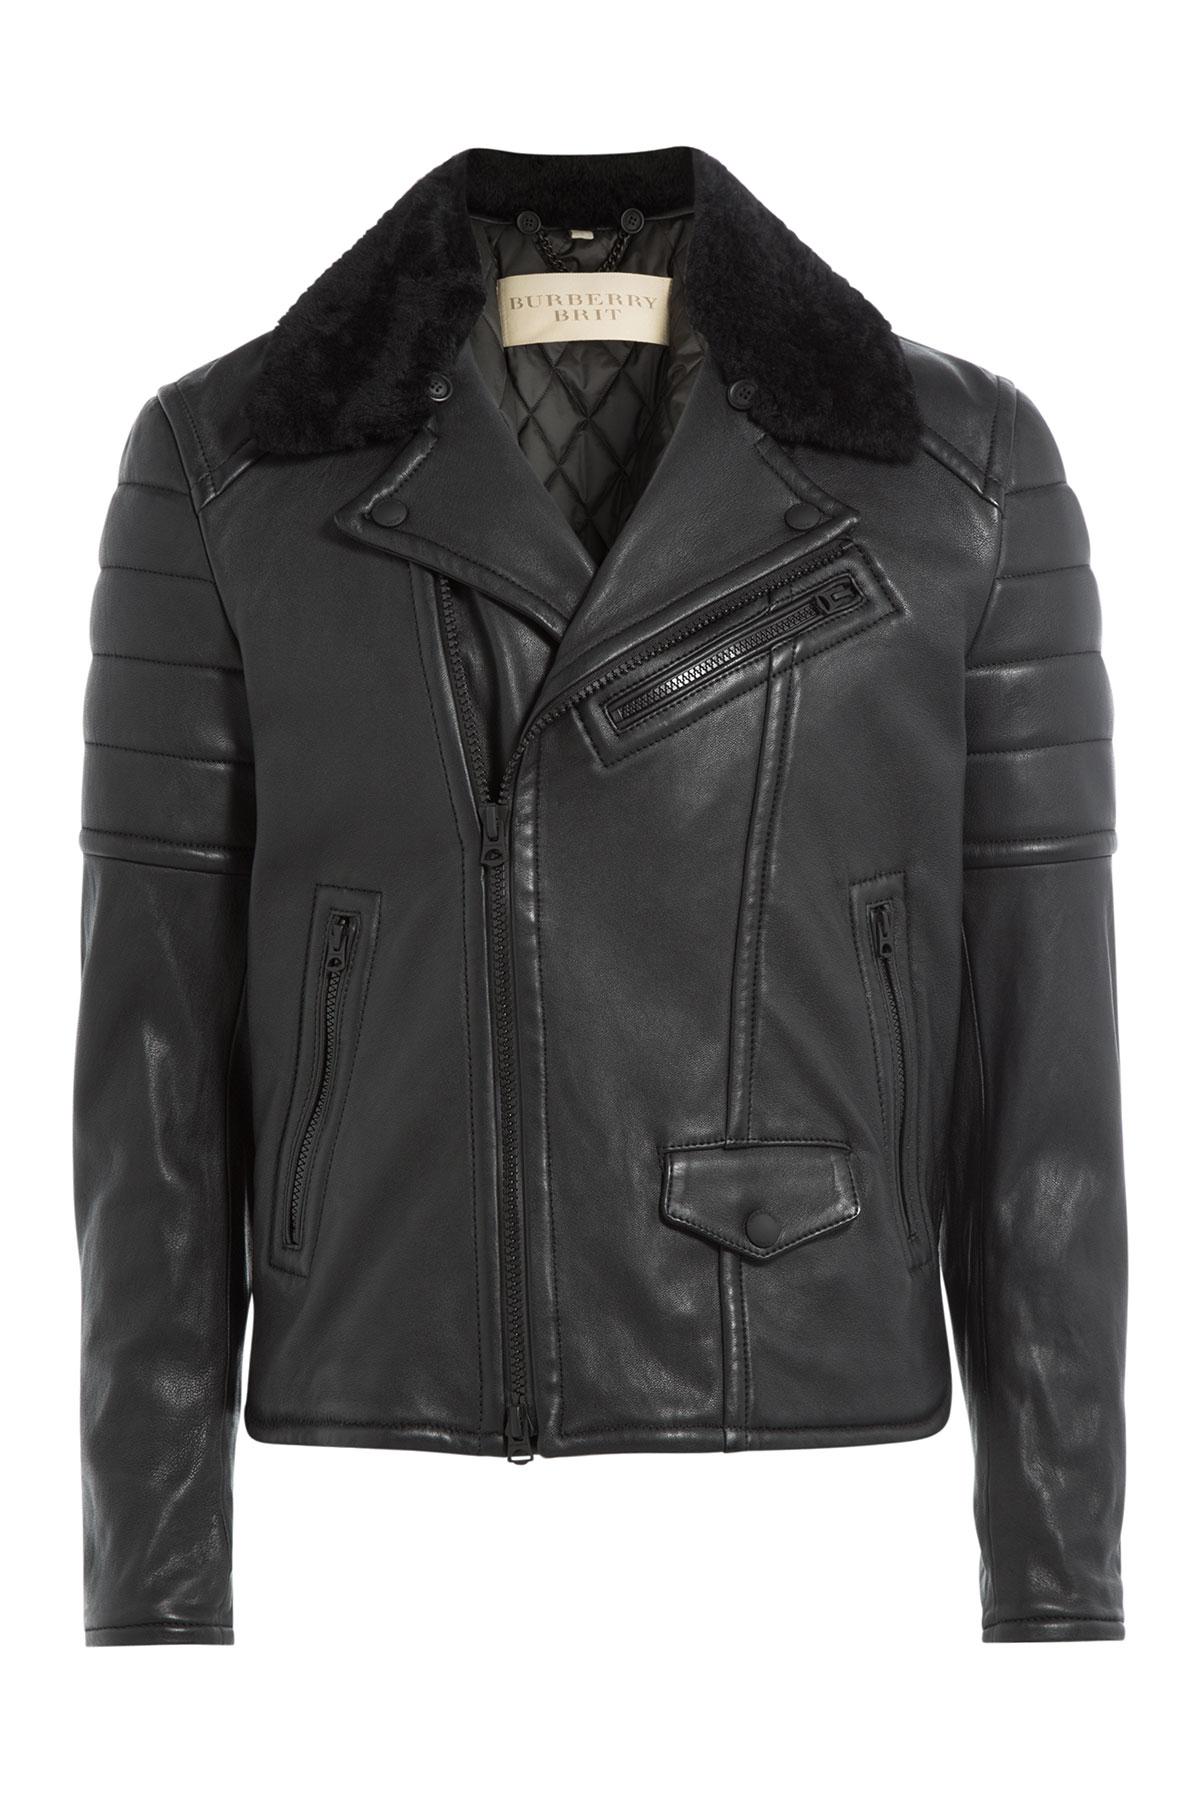 burberry brit leather biker jacket with shearling black in black for men lyst. Black Bedroom Furniture Sets. Home Design Ideas